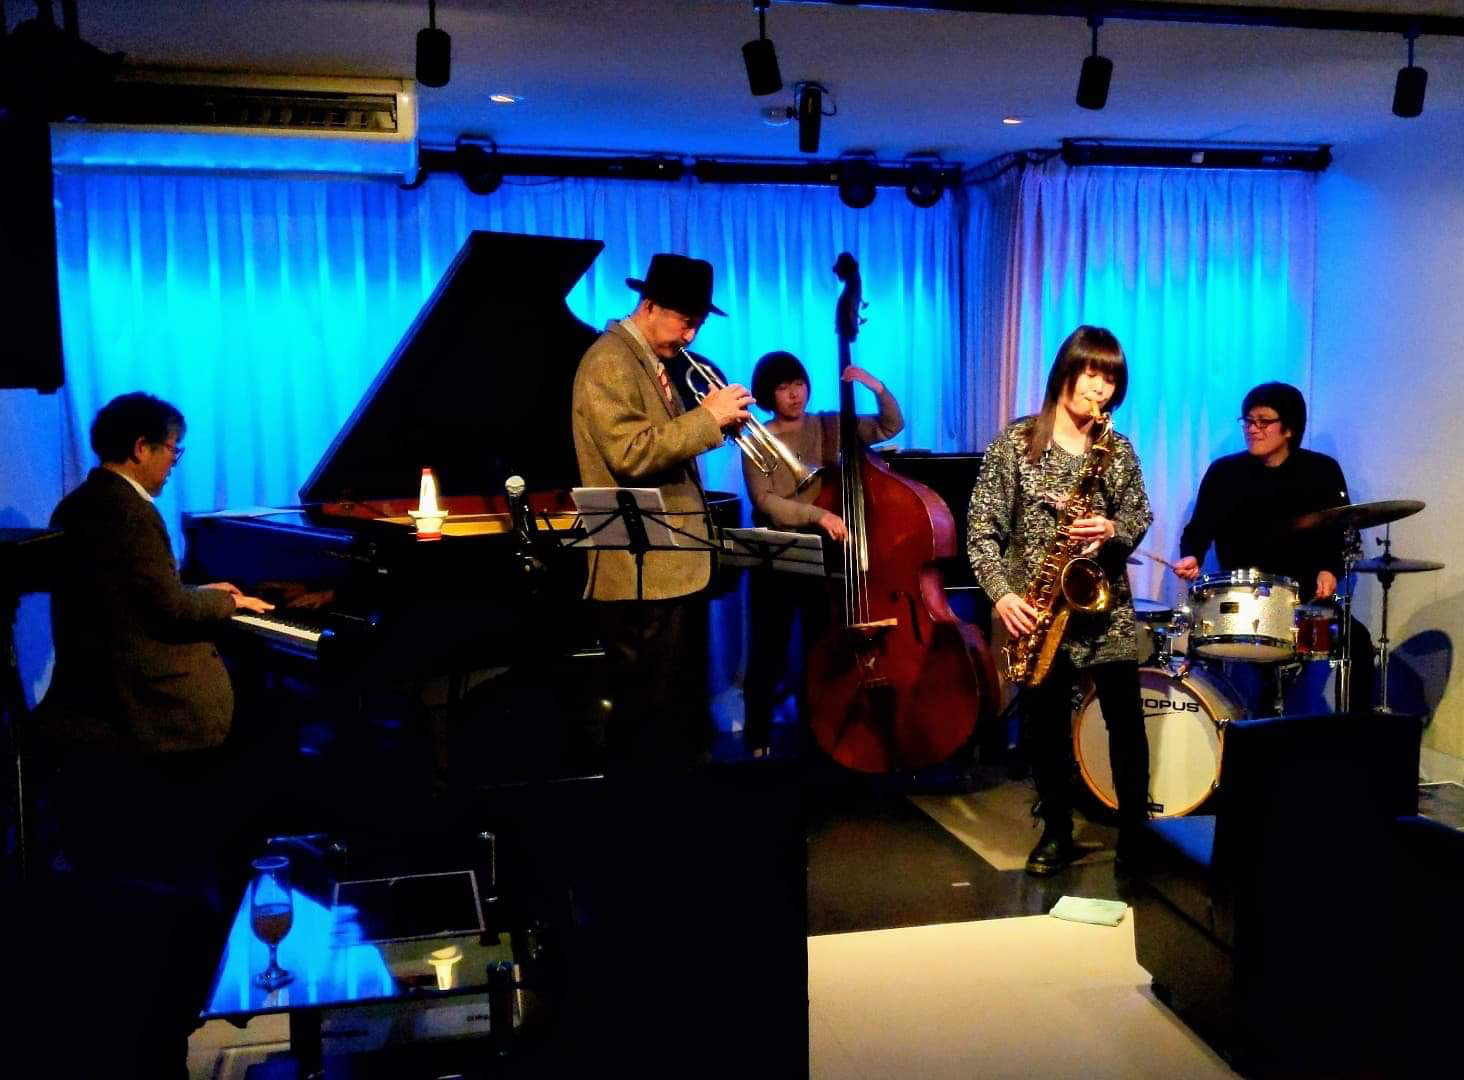 広島 ジャズライブカミン  Jazzlive Comin 明日土曜日はセッション!_b0115606_10555810.jpeg